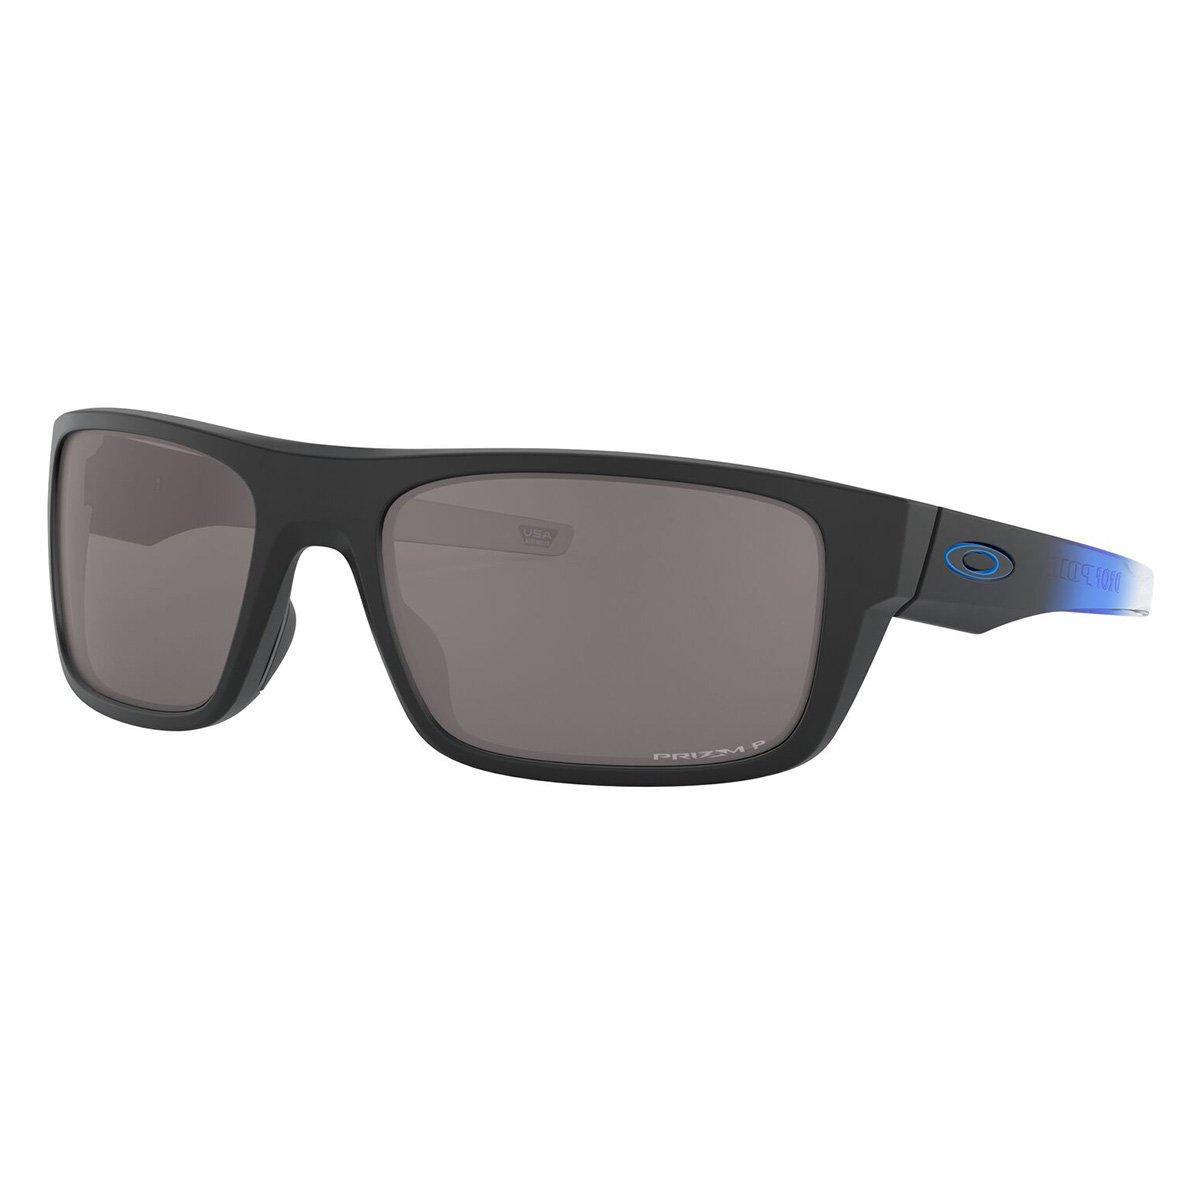 Óculos de Sol Oakley Drop Point Ignite Prizm